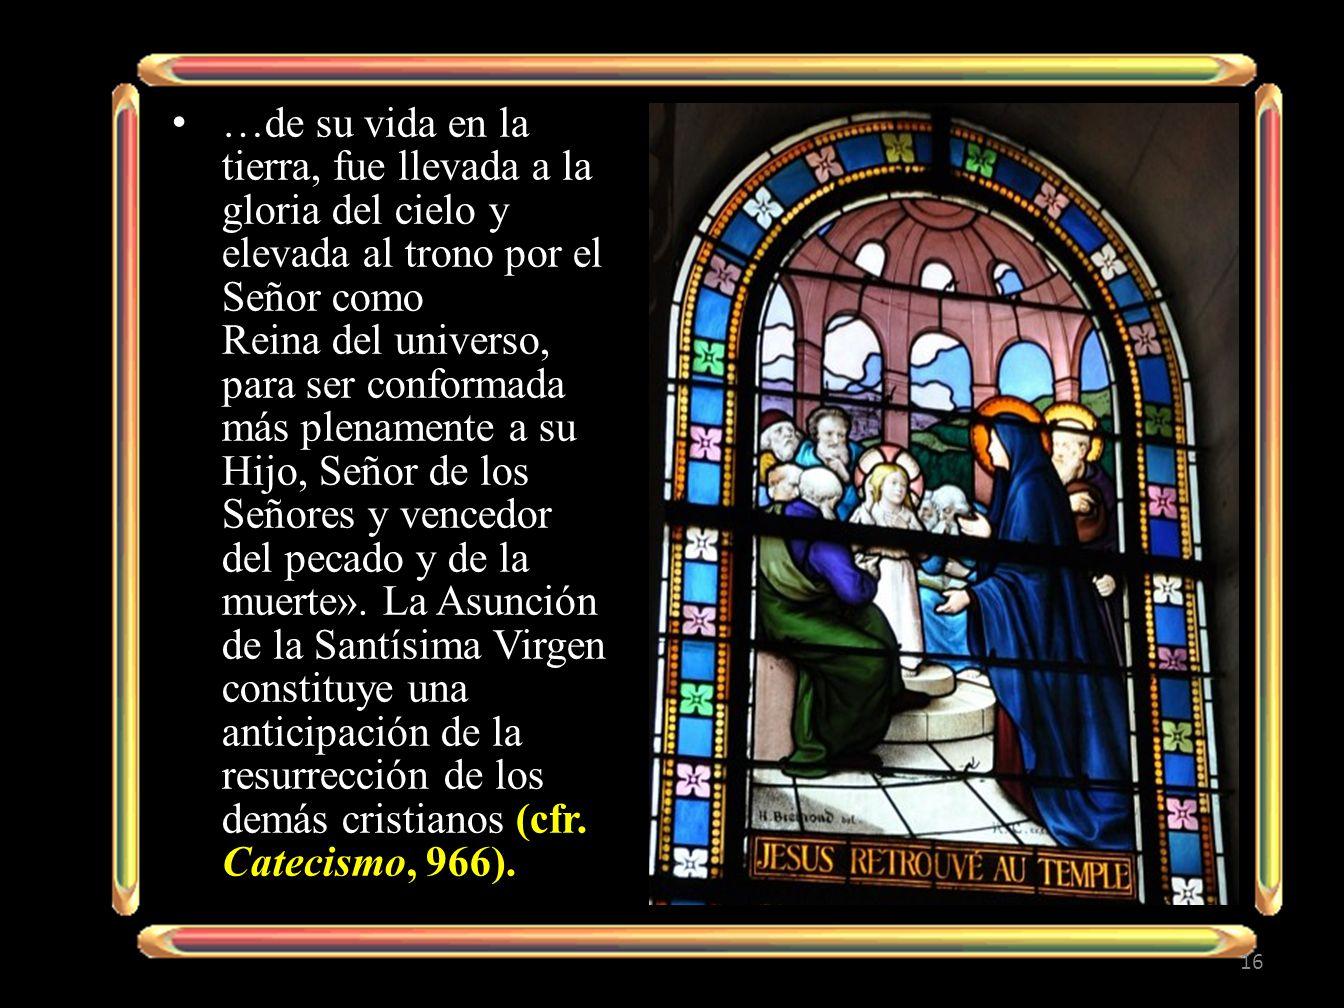 …de su vida en la tierra, fue llevada a la gloria del cielo y elevada al trono por el Señor como Reina del universo, para ser conformada más plenamente a su Hijo, Señor de los Señores y vencedor del pecado y de la muerte».